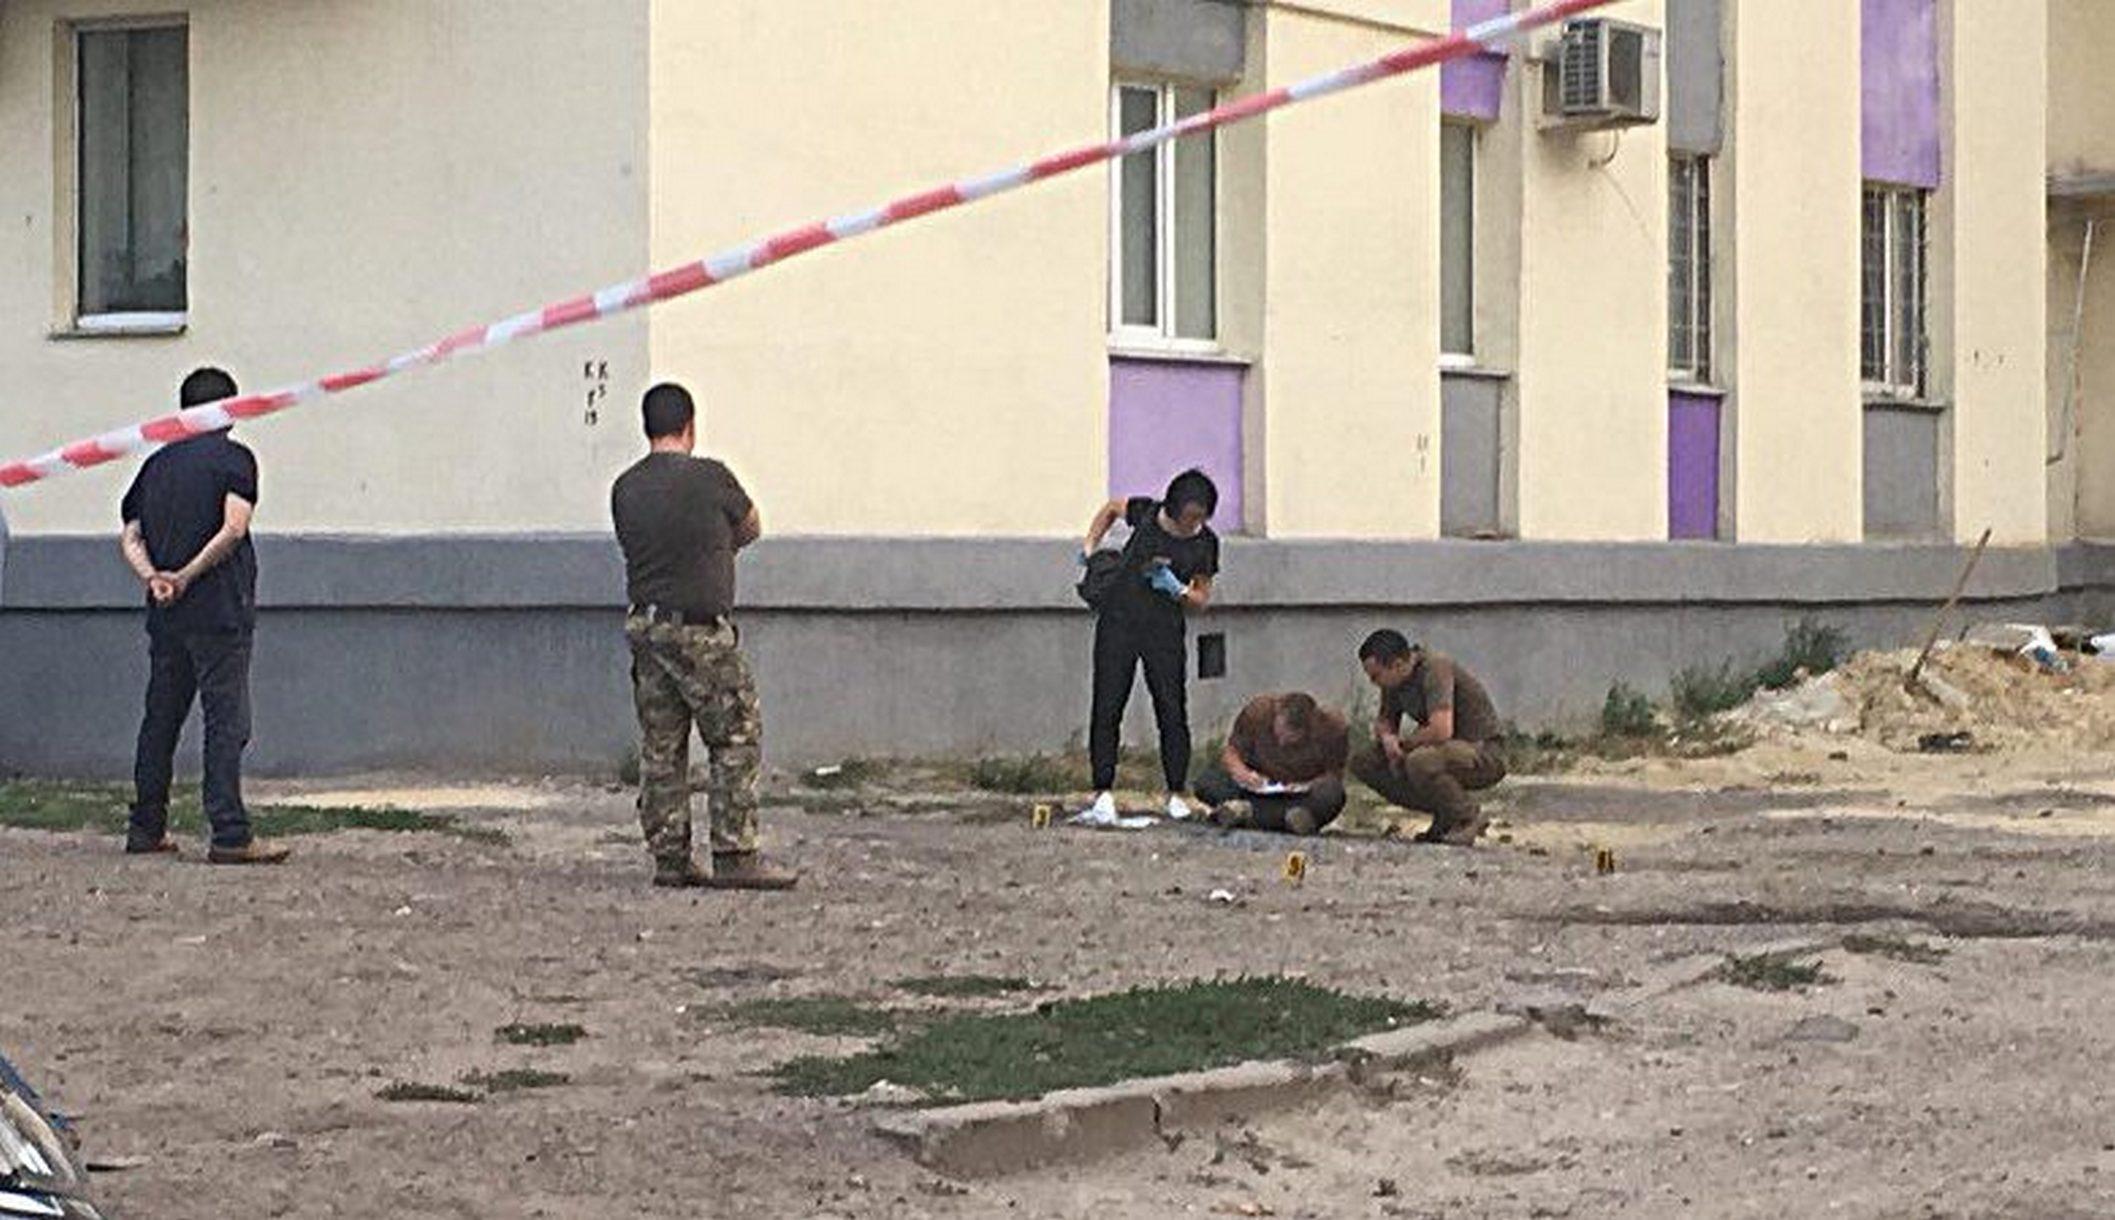 Членам группировки, задержанным в ходе спецоперации СБУ в Харькове, объявят о подозрении (видео)